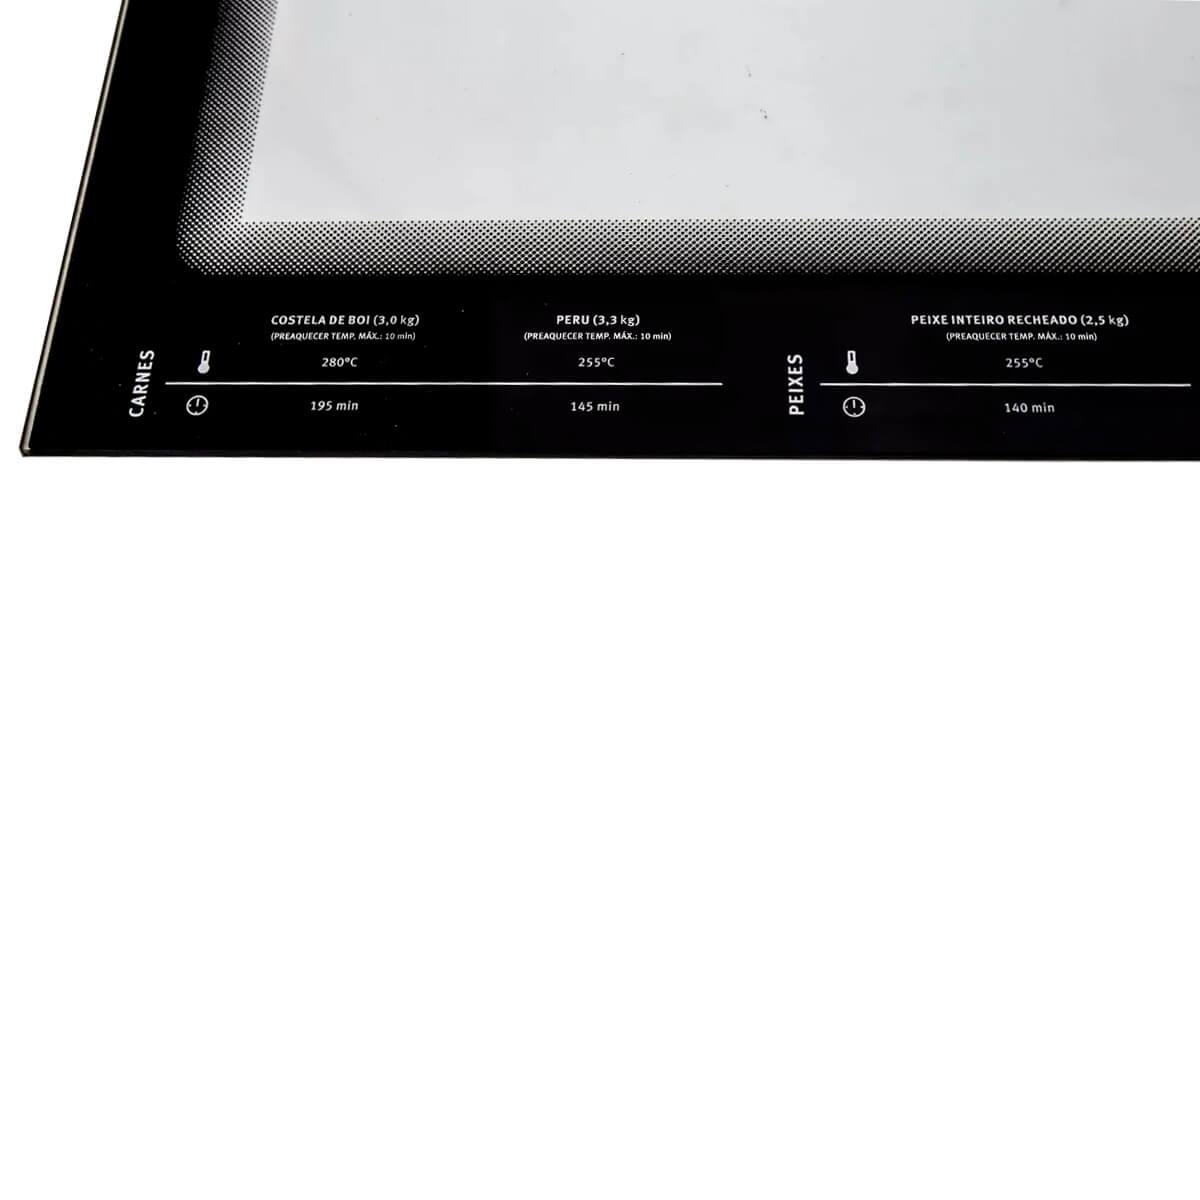 Vidro Interno Porta Do Forno Grande Fogão 5 Bocas Electrolux - 70200916